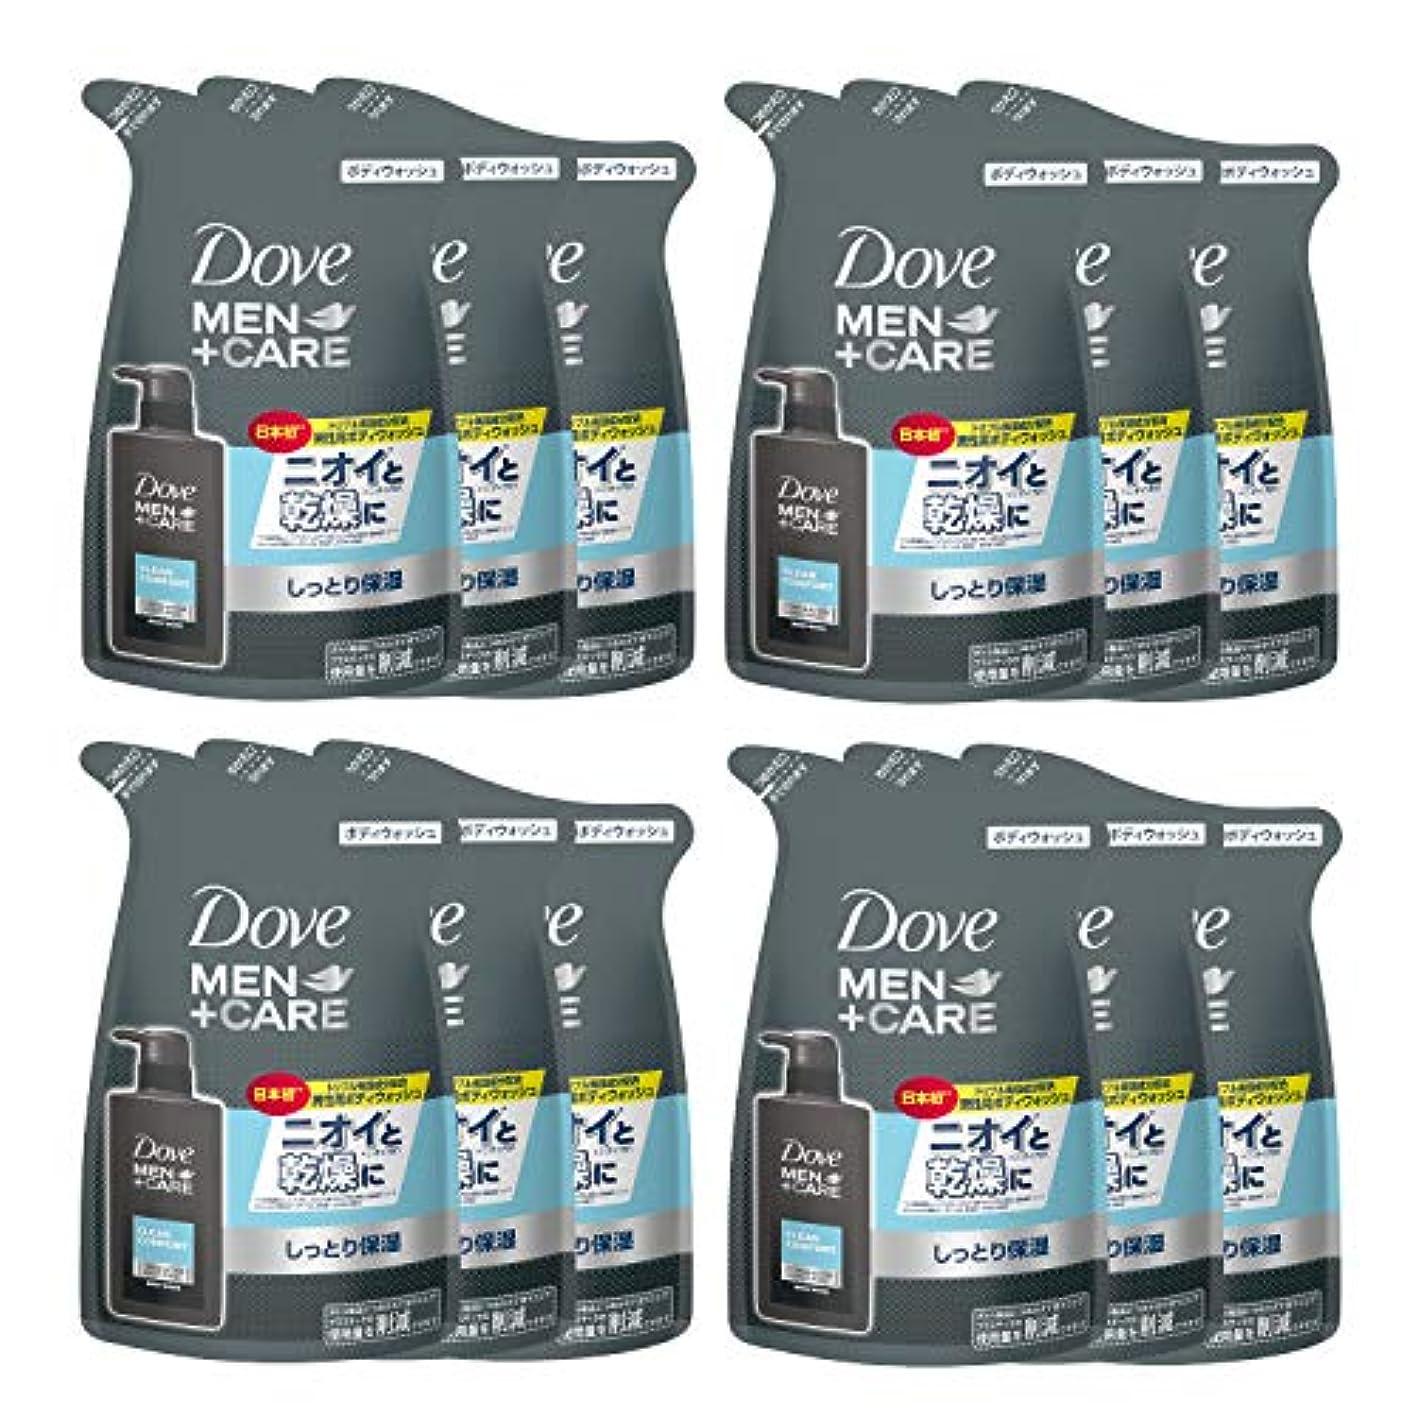 Dove(ダヴ) 【ケース販売】 ダヴメン+ケア ボディウォッシュ クリーンコンフォート つめかえ用 ボディソープ シトラスフローラル 320g×12個